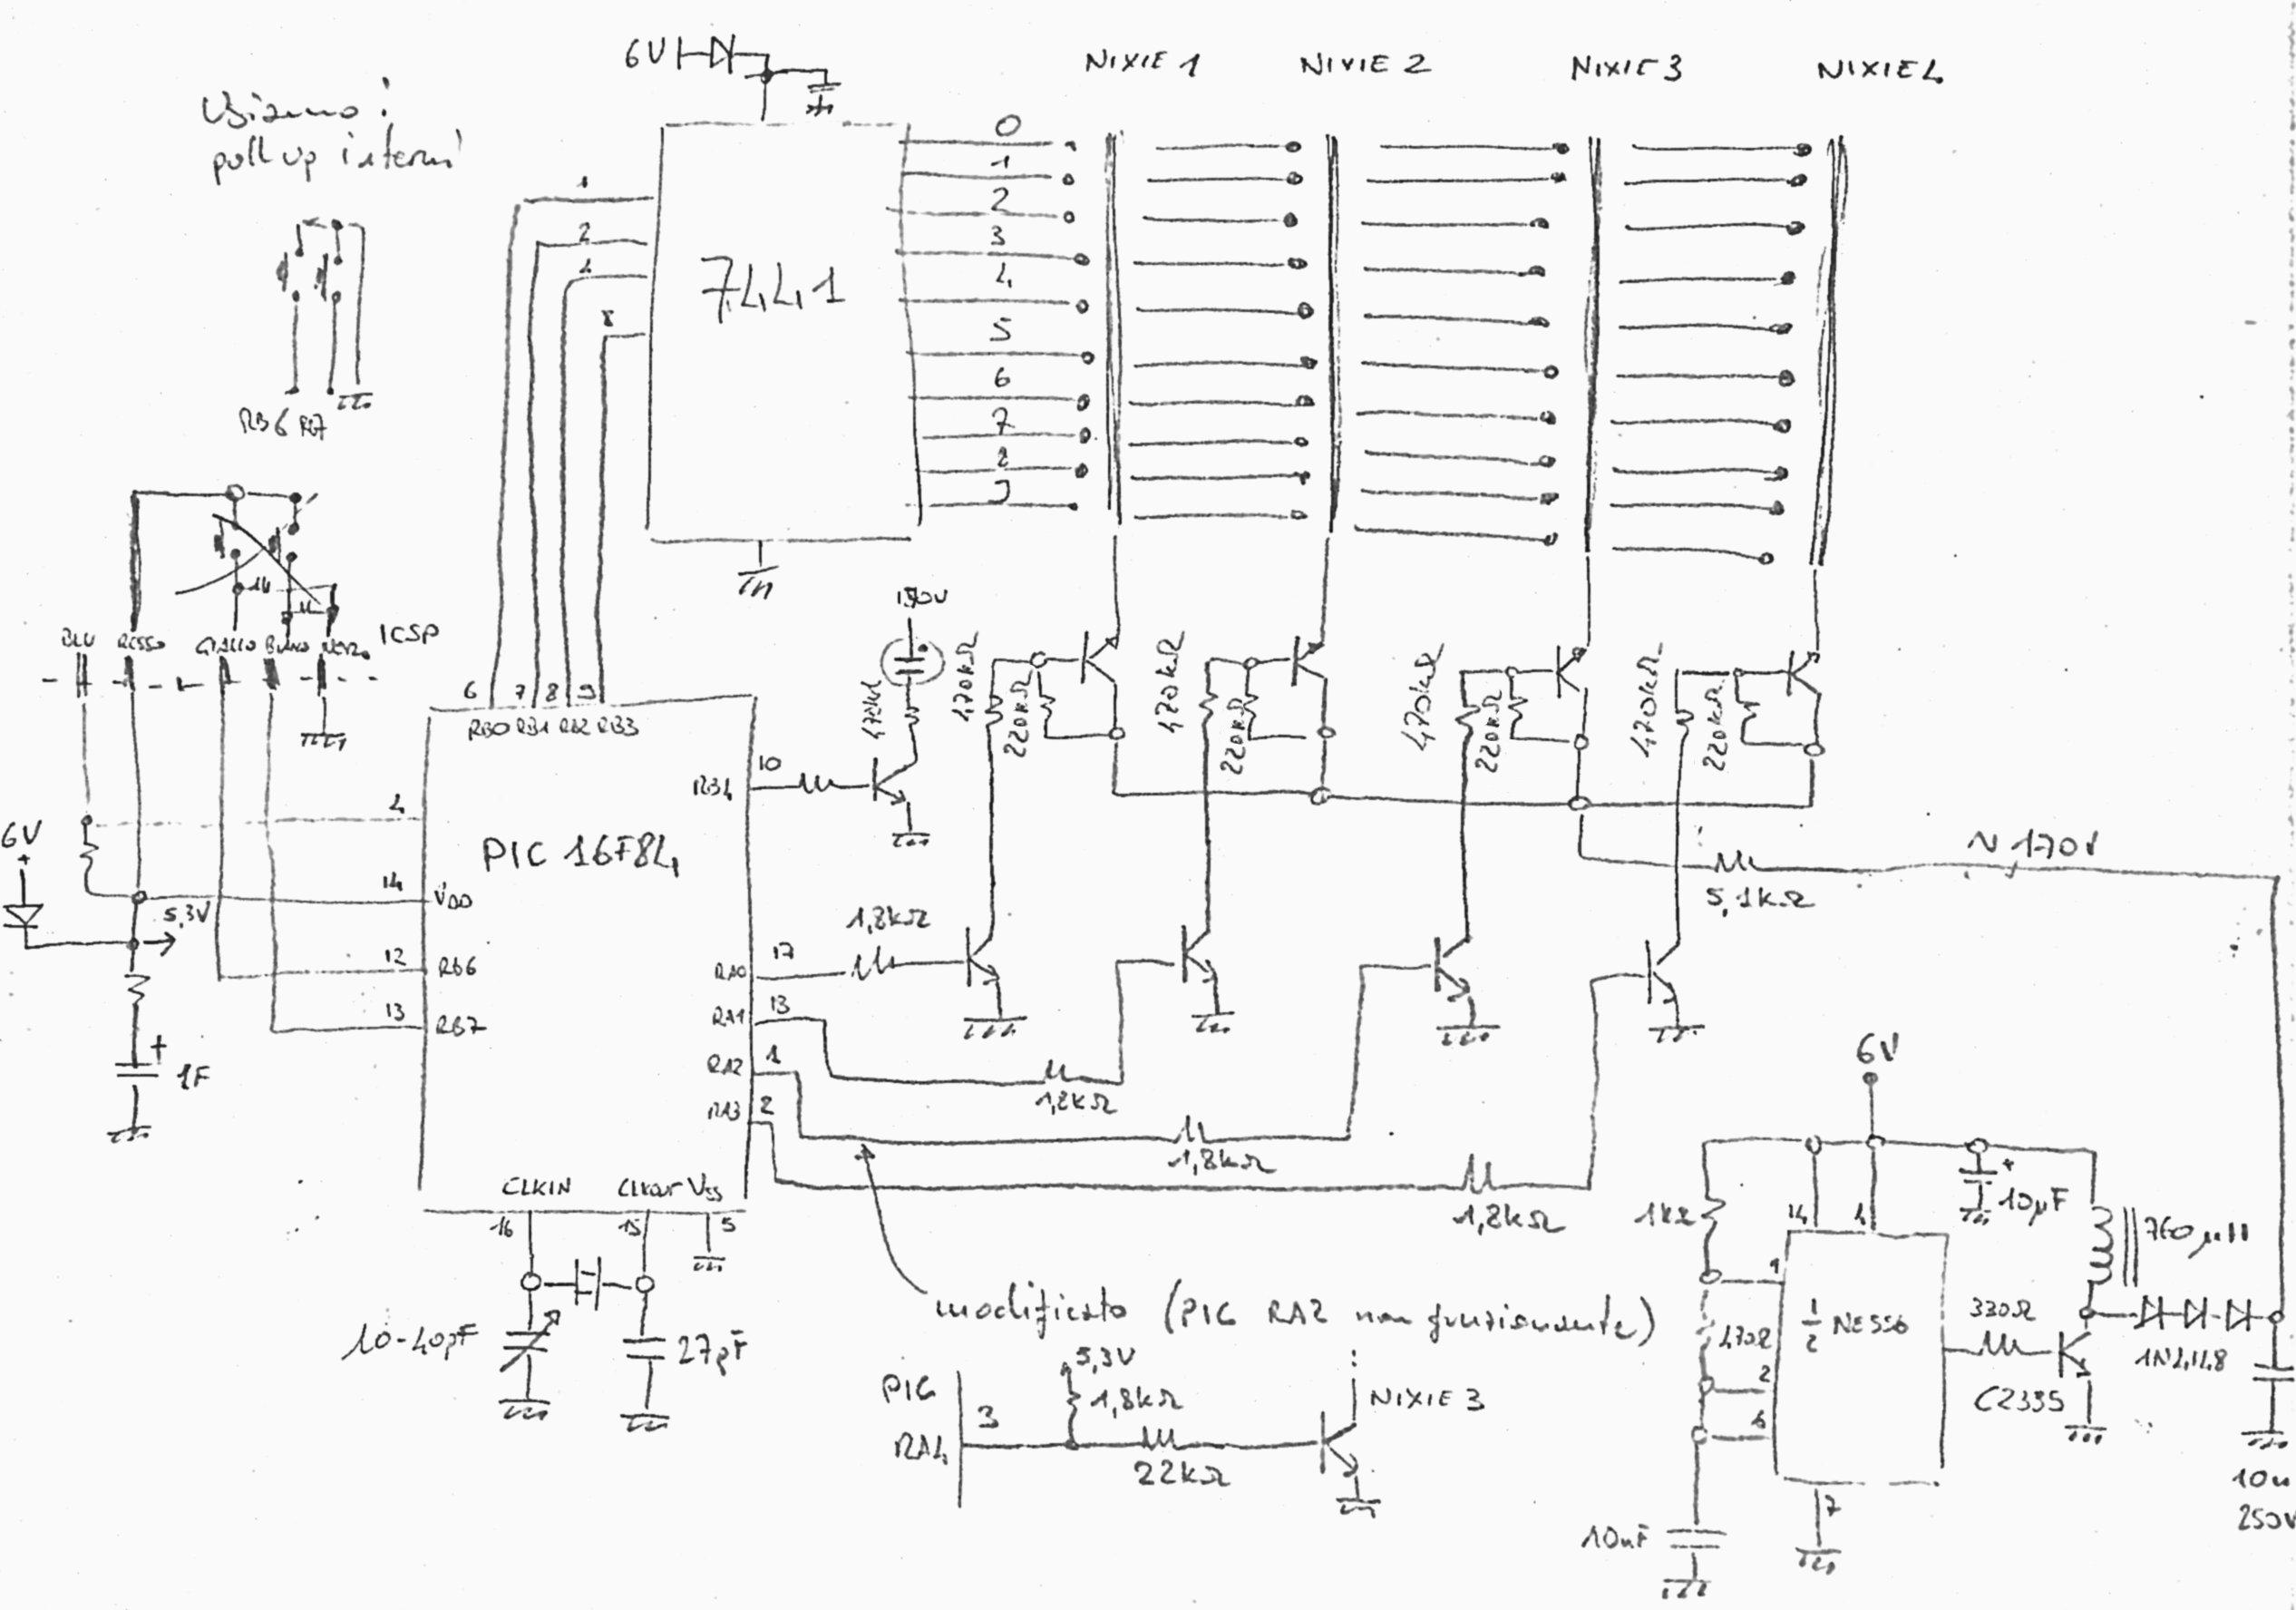 uno schizzo dello schema elettrico